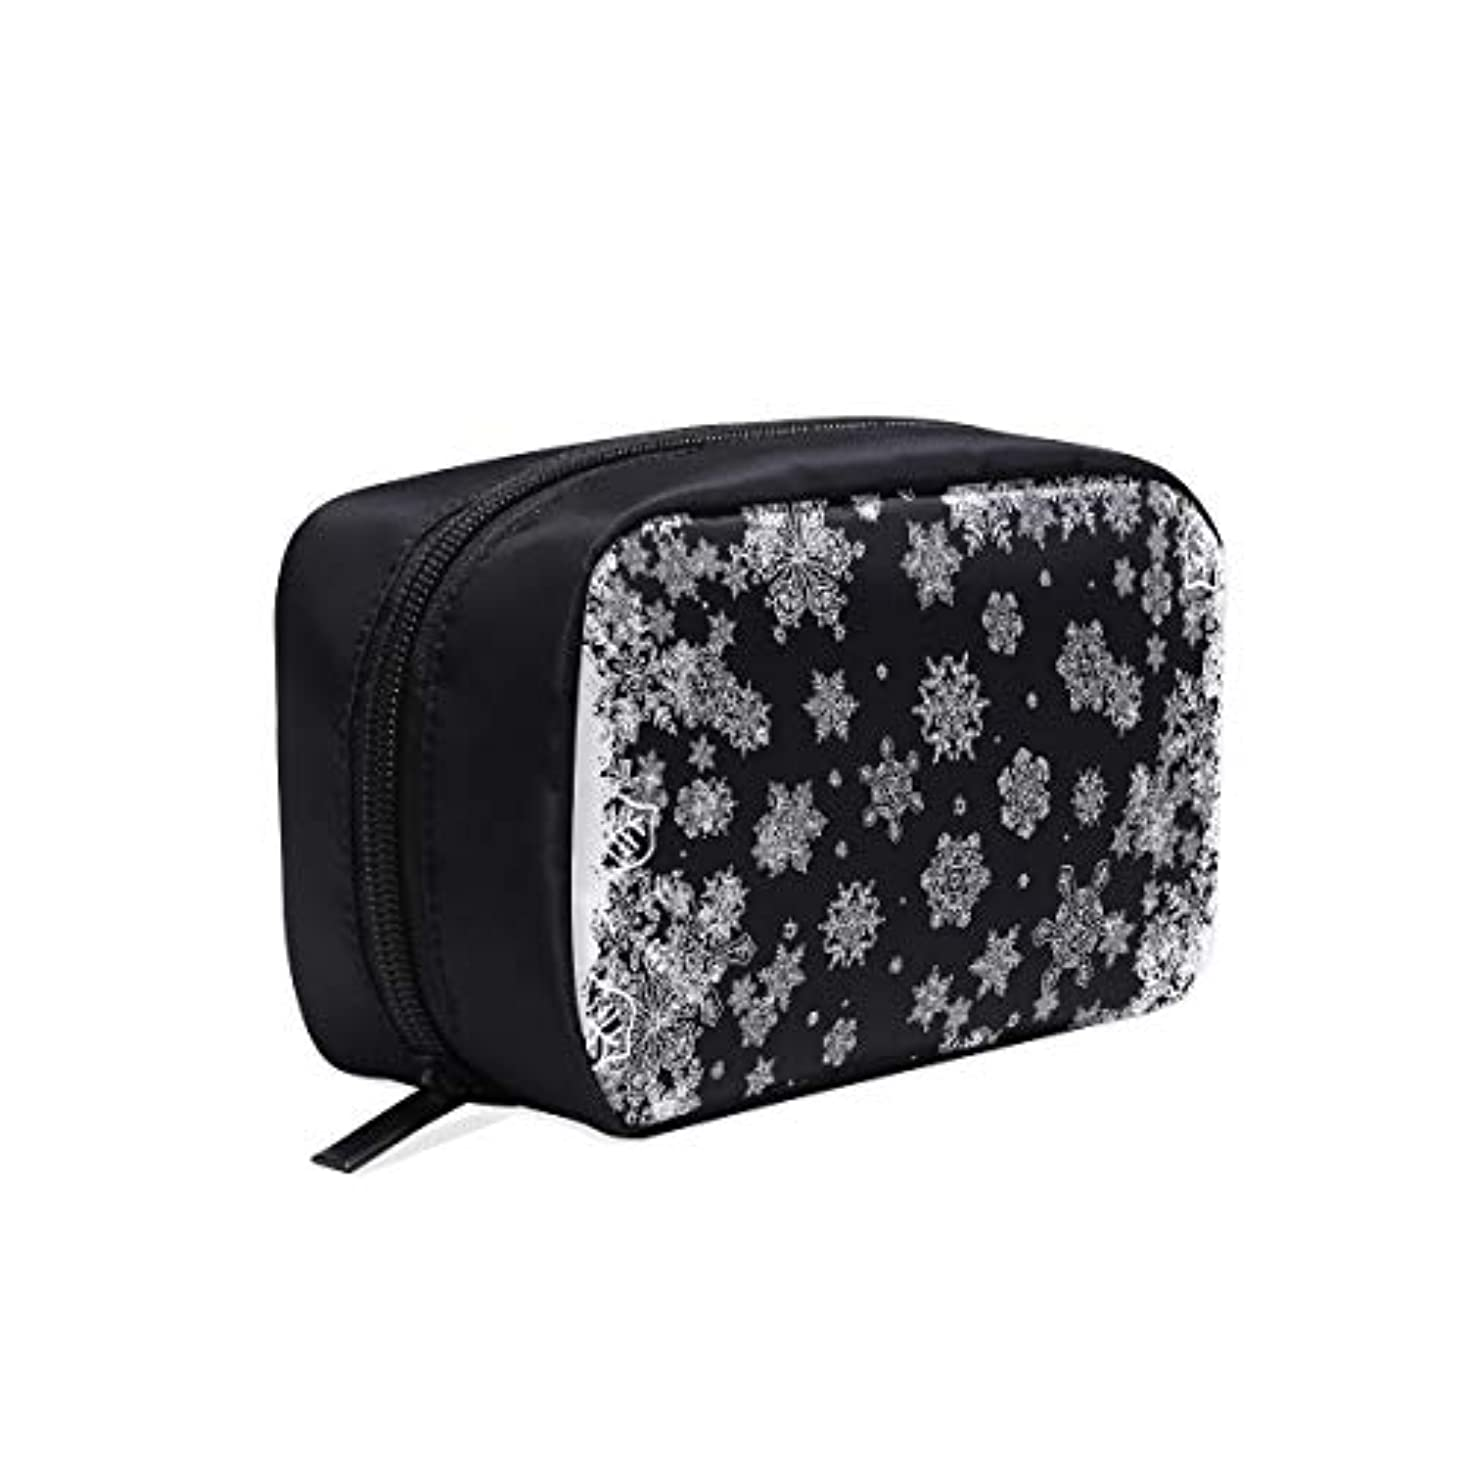 分離生きるうまれたGGSXD メイクポーチ 雪の花 ボックス コスメ収納 化粧品収納ケース 大容量 収納 化粧品入れ 化粧バッグ 旅行用 メイクブラシバッグ 化粧箱 持ち運び便利 プロ用